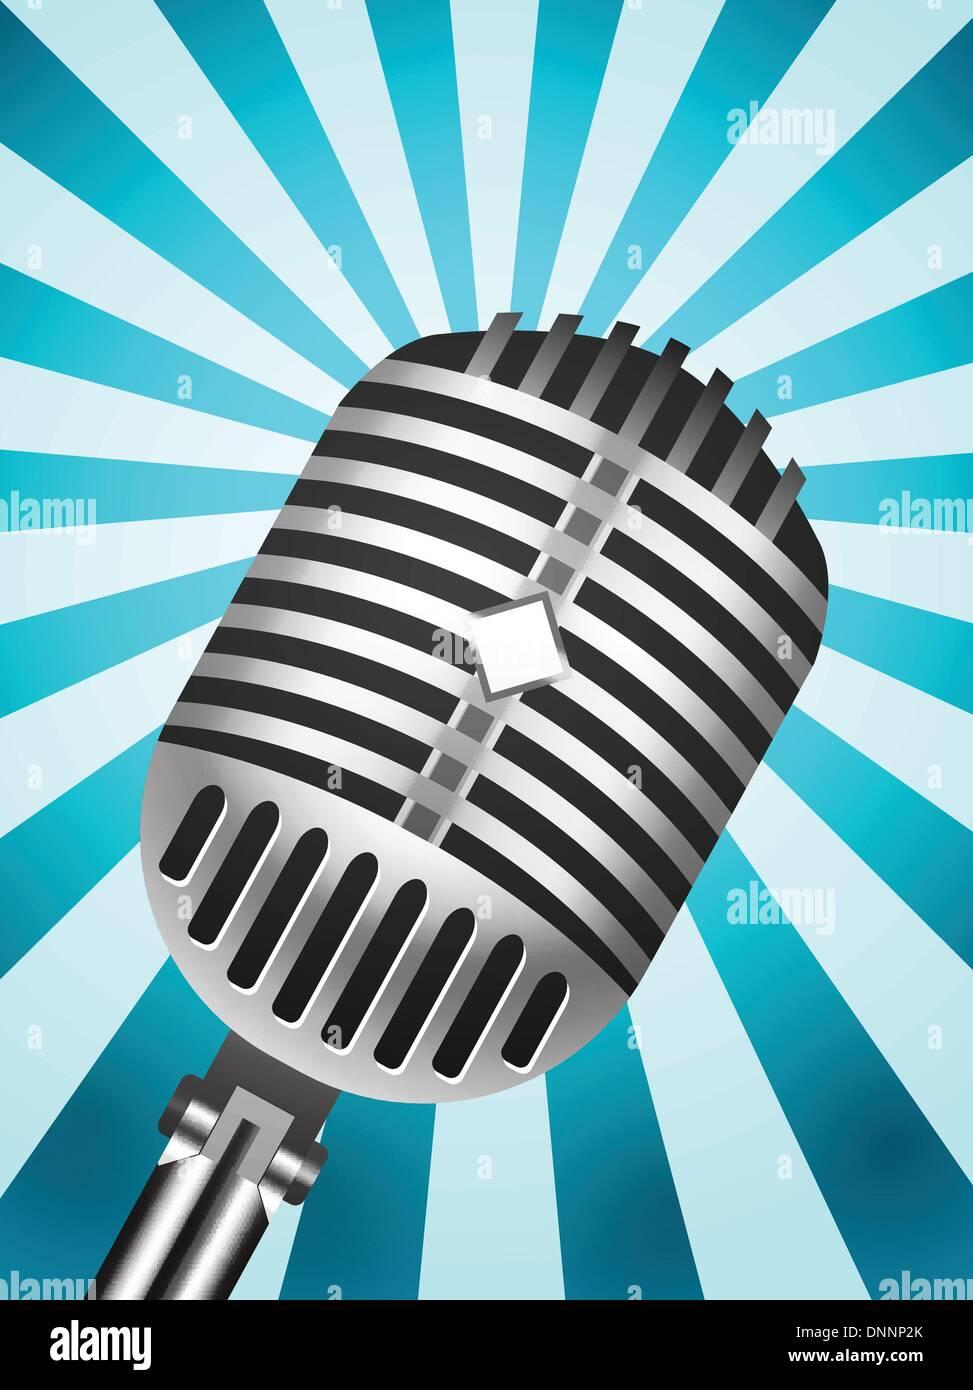 Microfono classico su sfondo rigato. Illustrazione Vettoriale Immagini Stock